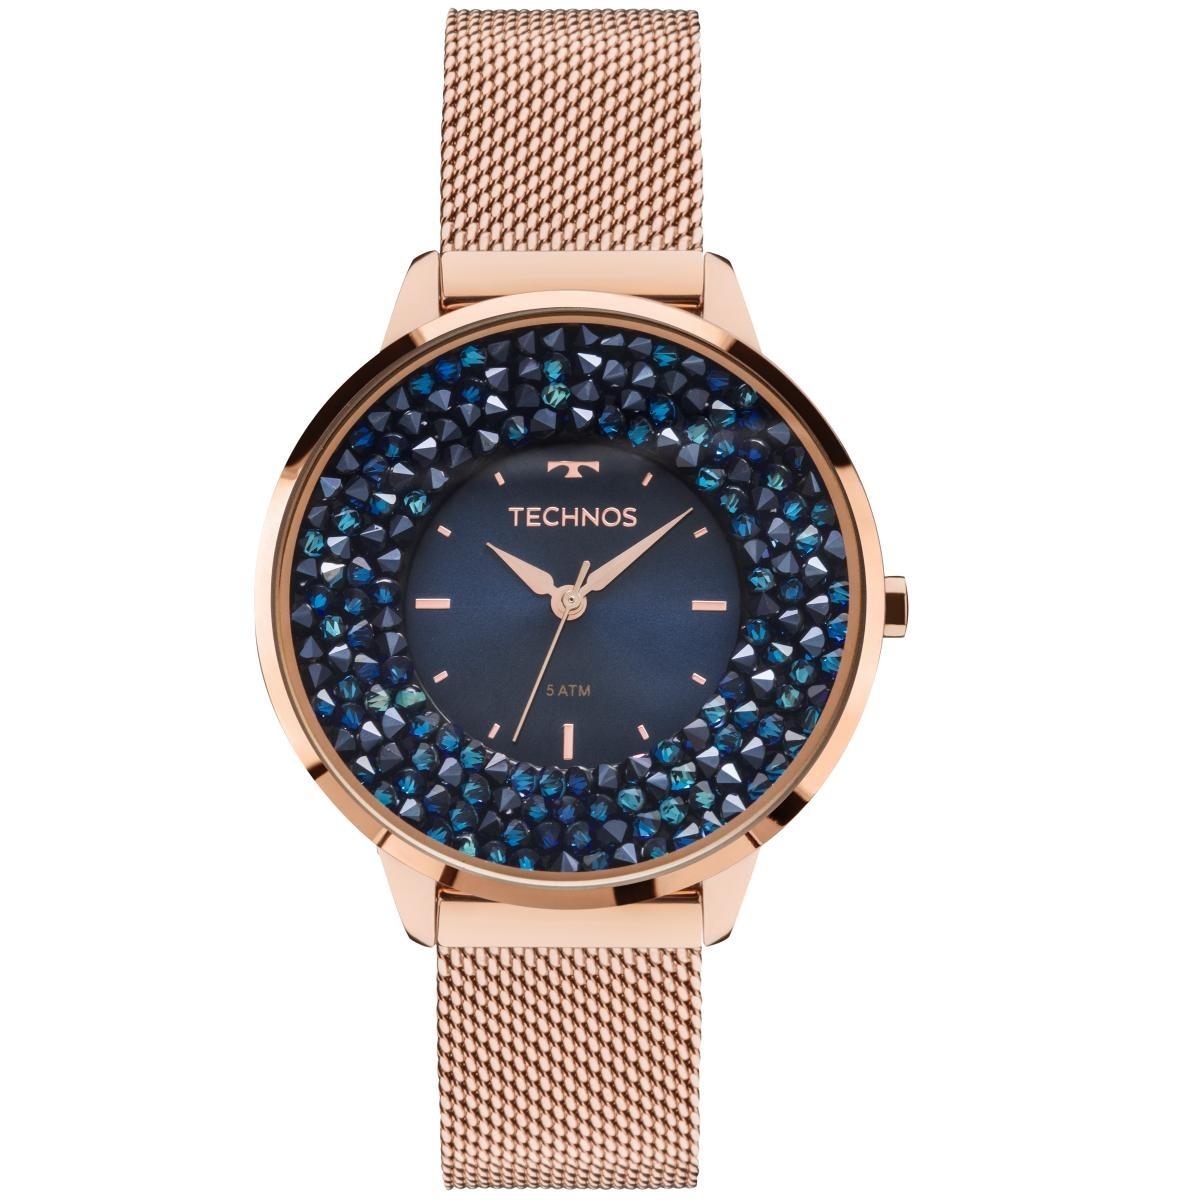 Relógio Feminino Technos 2035mle 4a 38mm Aço Rose - R  476,95 em ... 2b72af266e